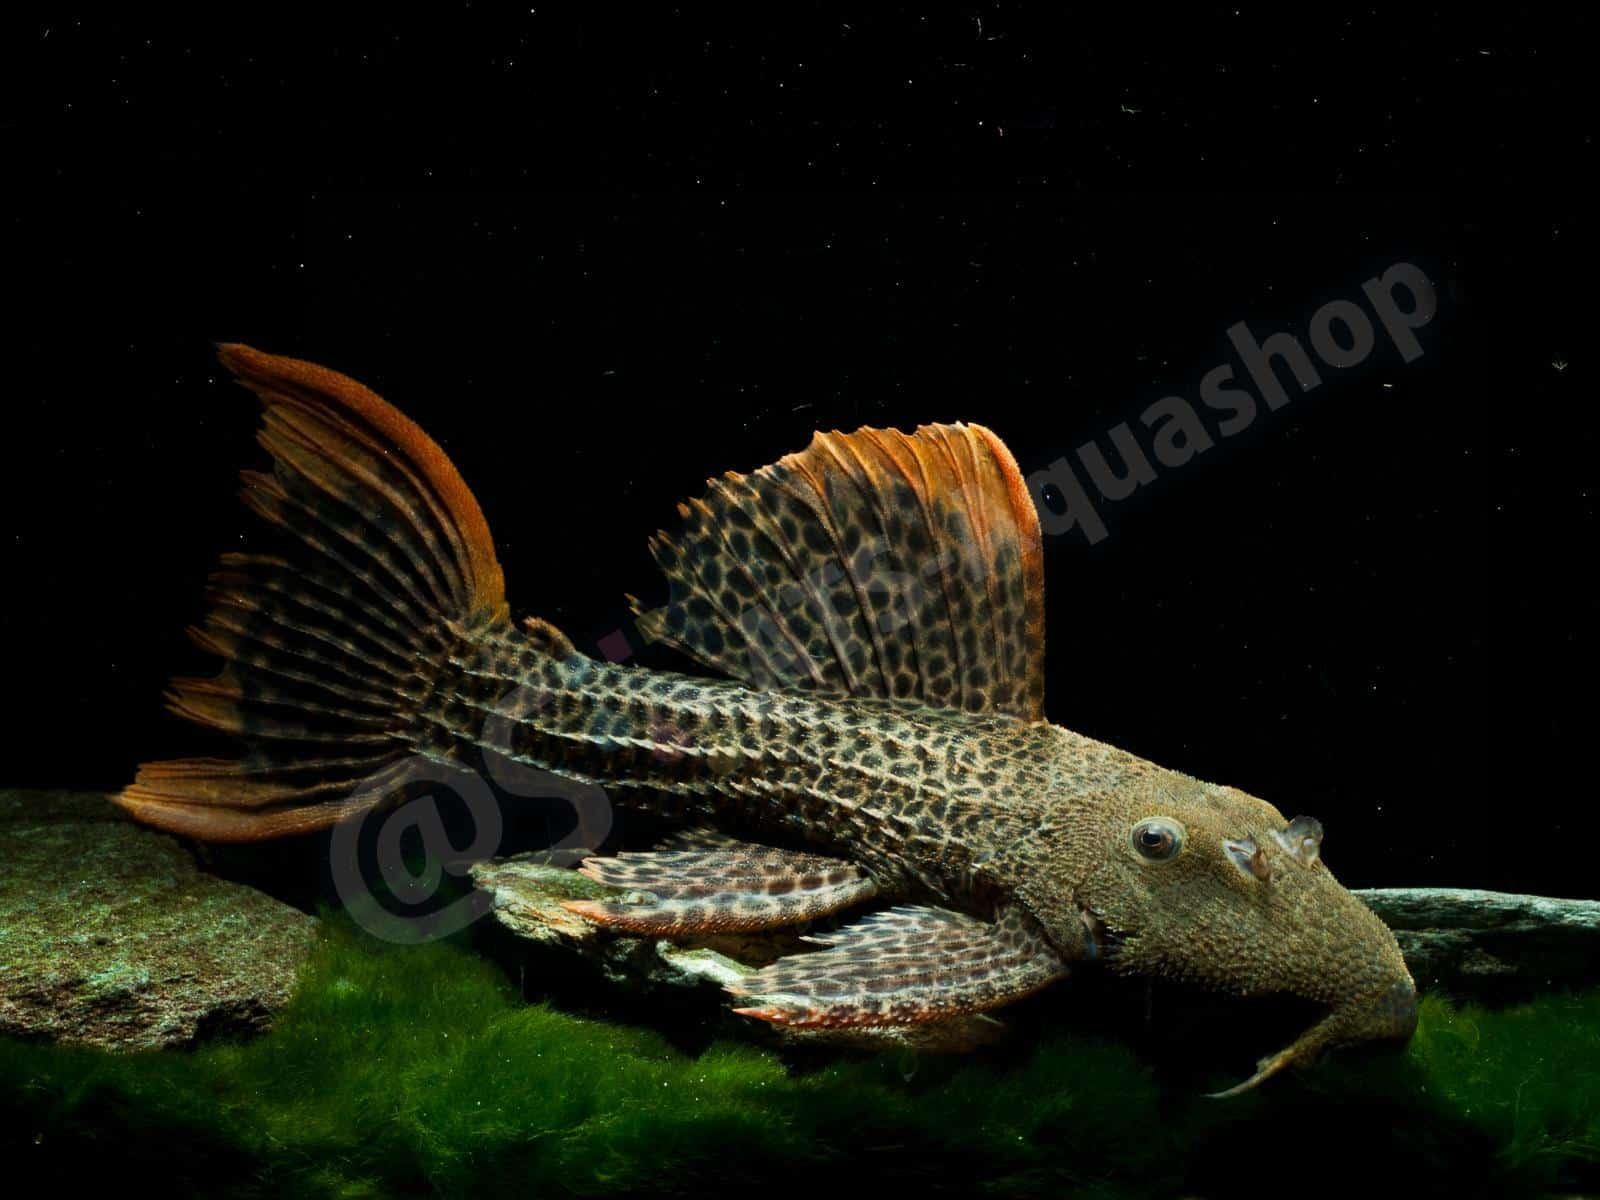 pseudacanthicus leopardus enrico richter 0119 7